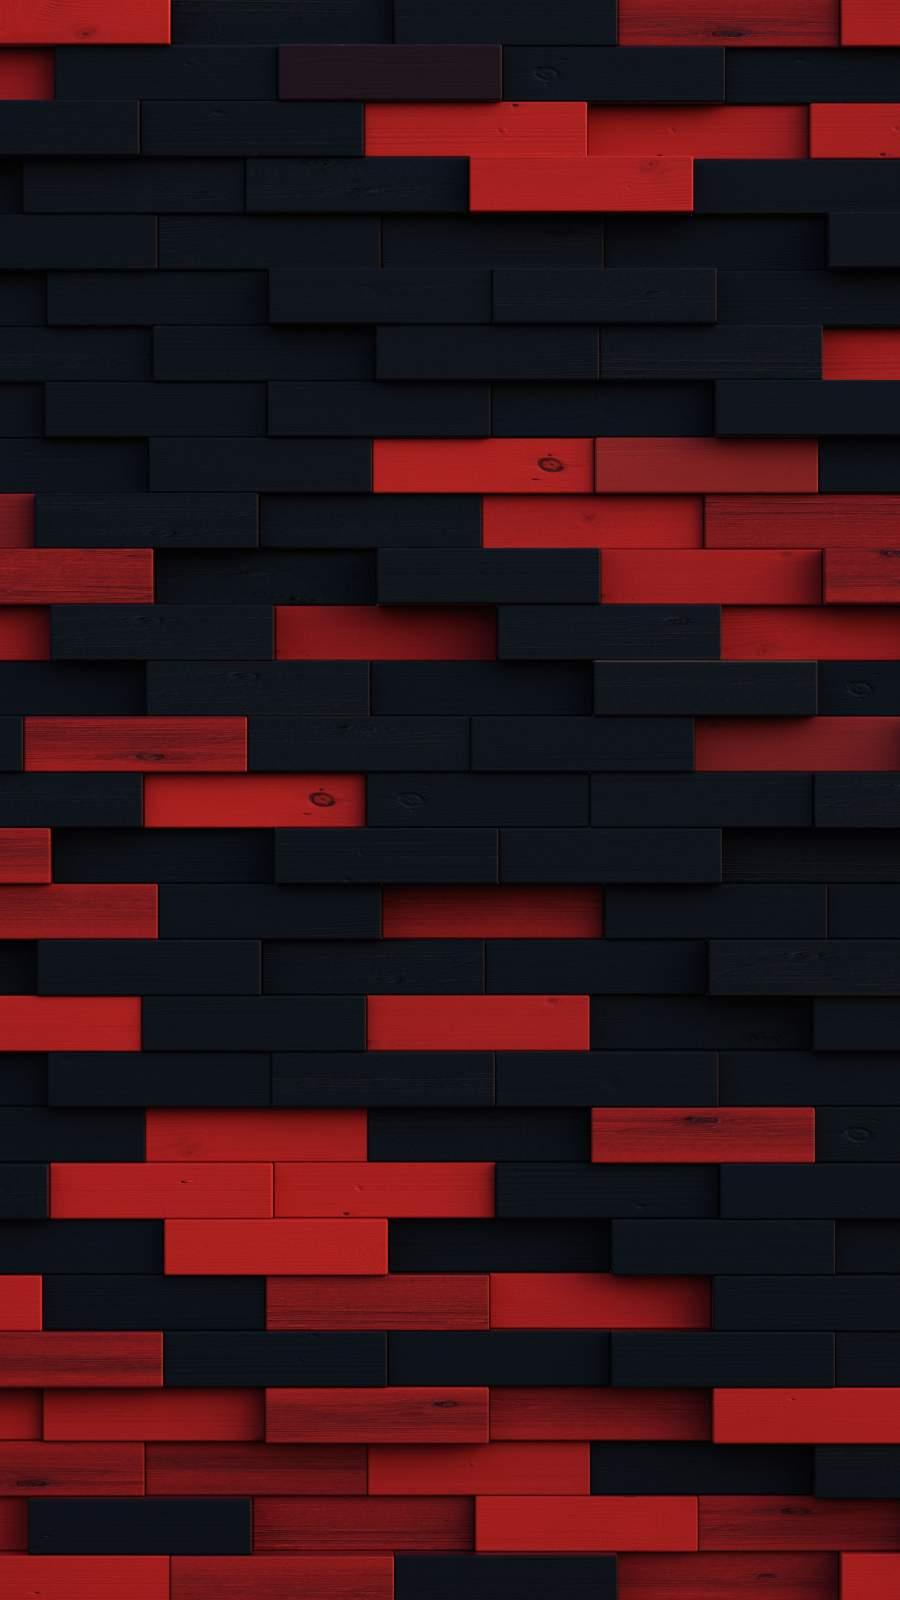 Wooden Bricks Background